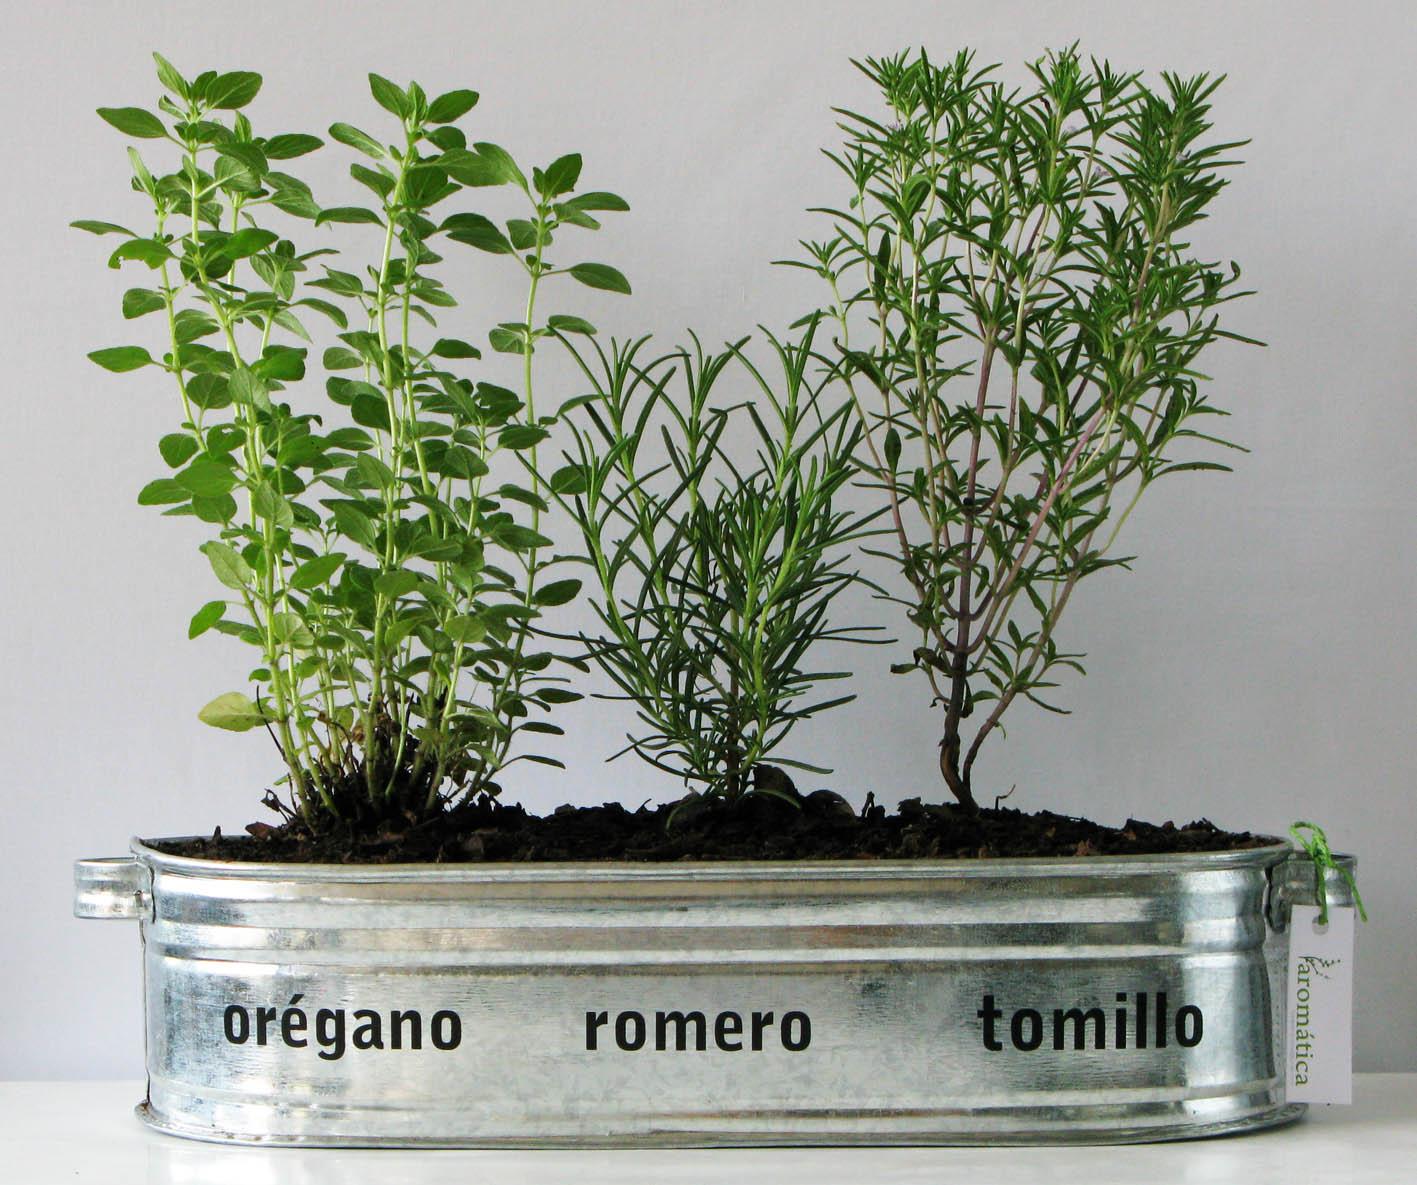 Spazio noi primavera con plantas arom ticas - Plantas para macetas exterior resistentes ...